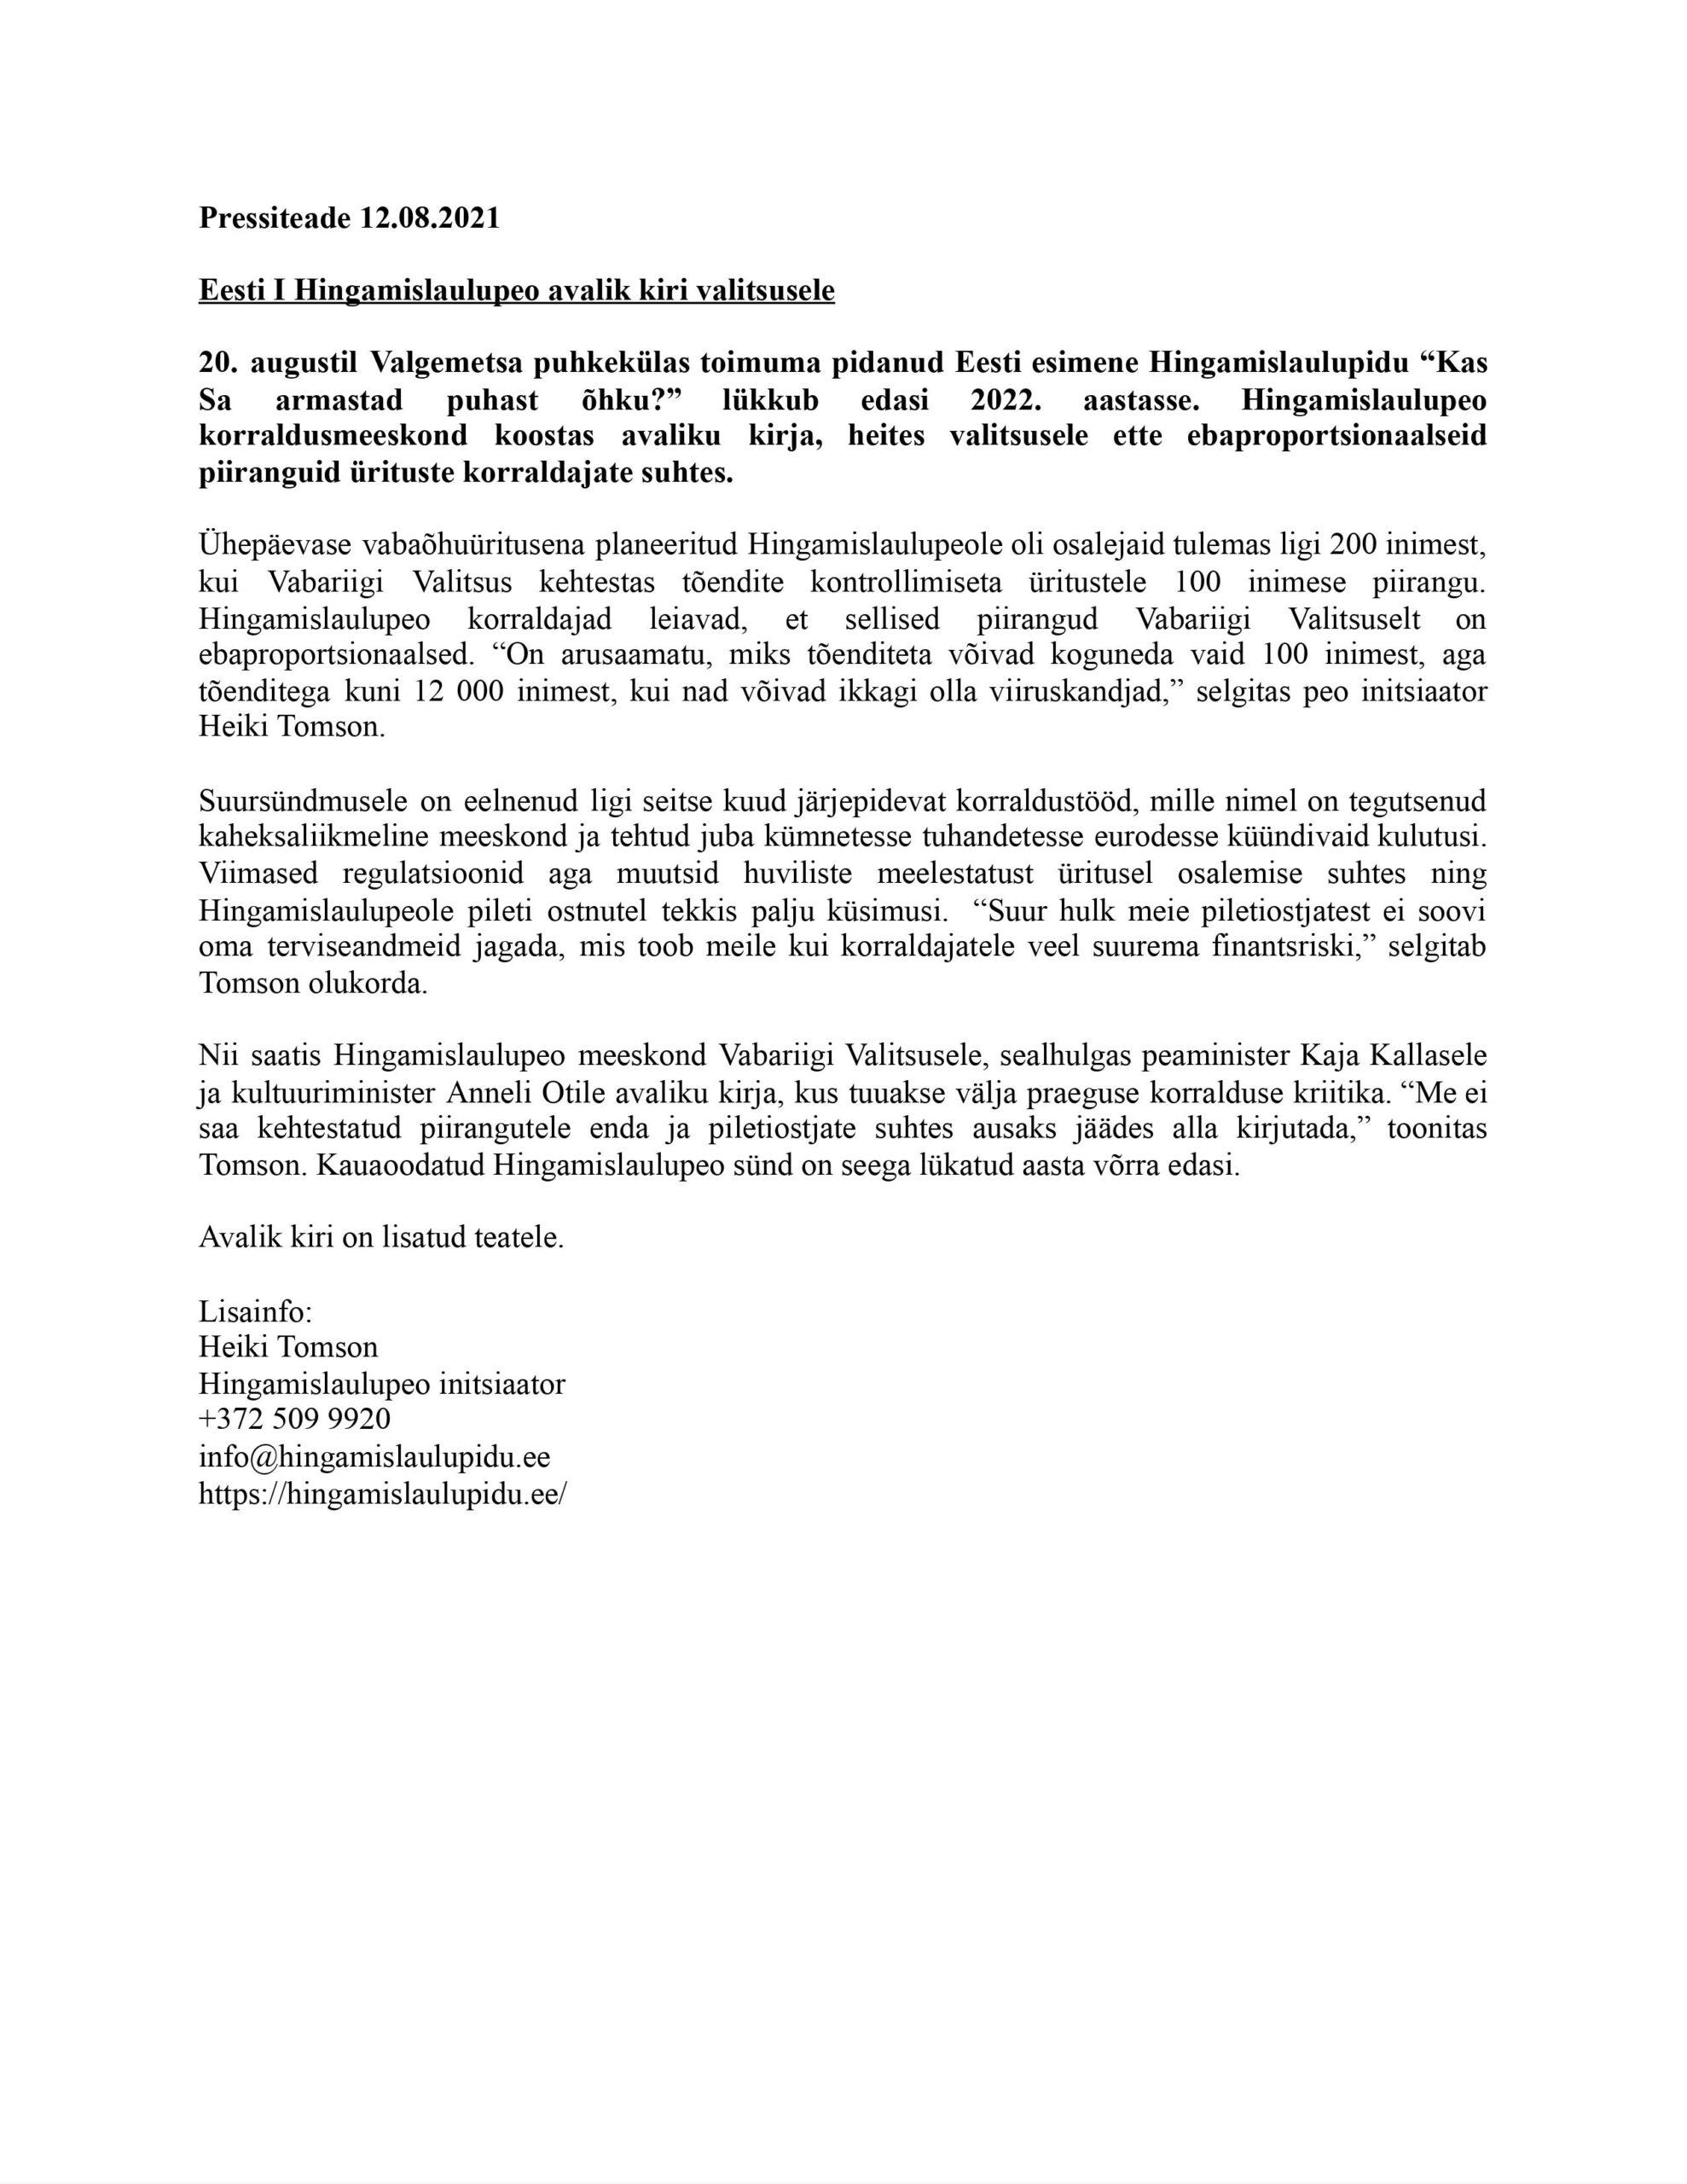 Hingamislaulupeo avalik kiri Vabariigi Valitsusele